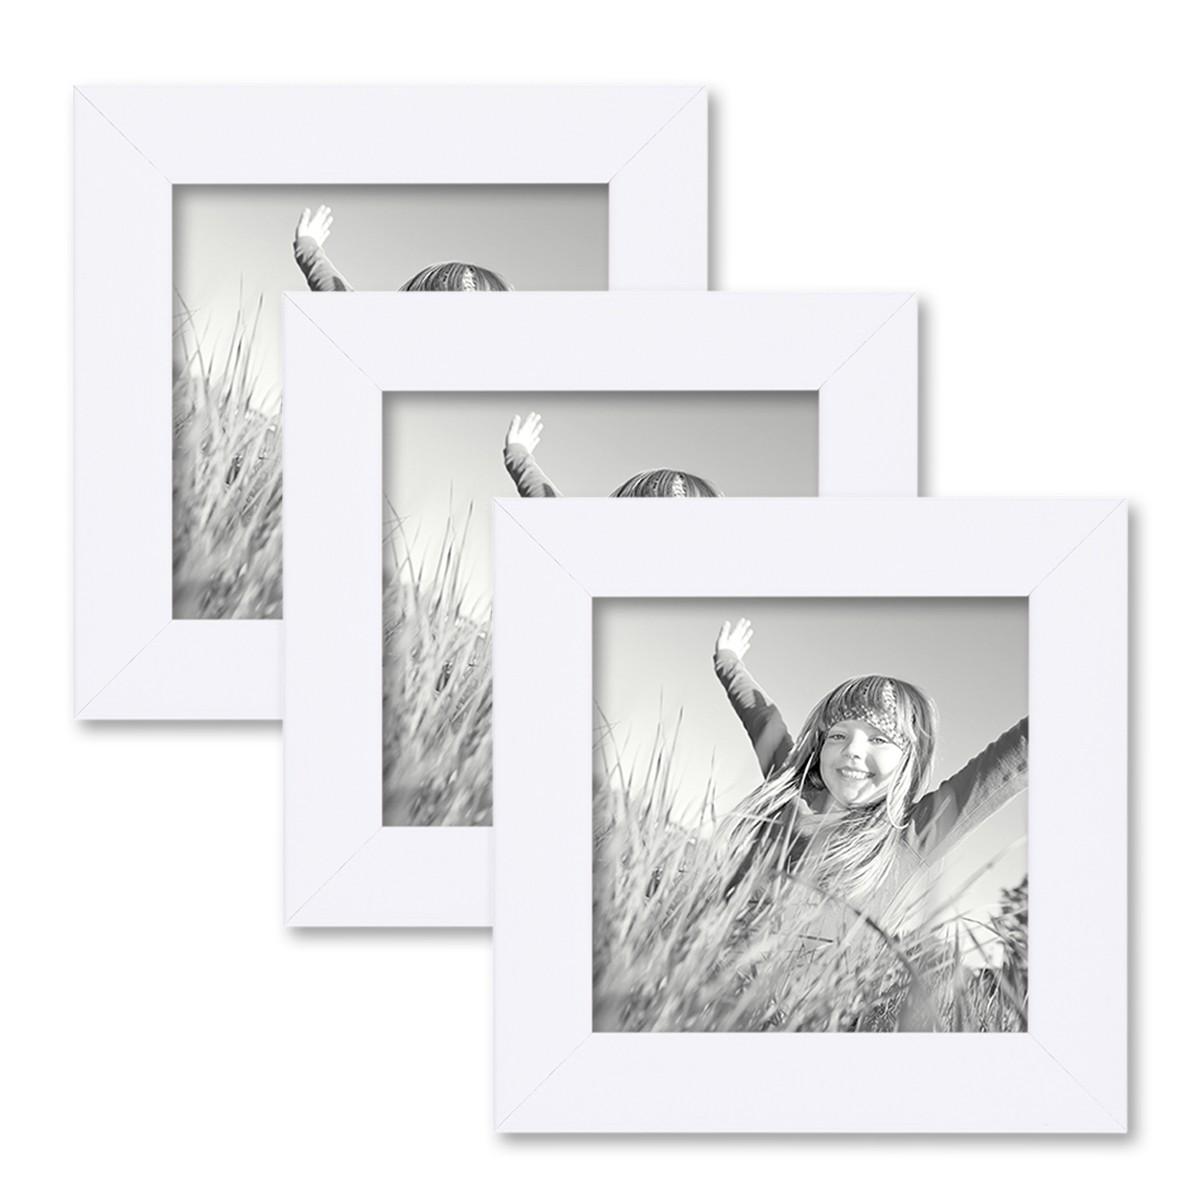 3er set bilderrahmen 10x10 cm weiss modern aus mdf mit glasscheibe und zubeh r fotorahmen. Black Bedroom Furniture Sets. Home Design Ideas